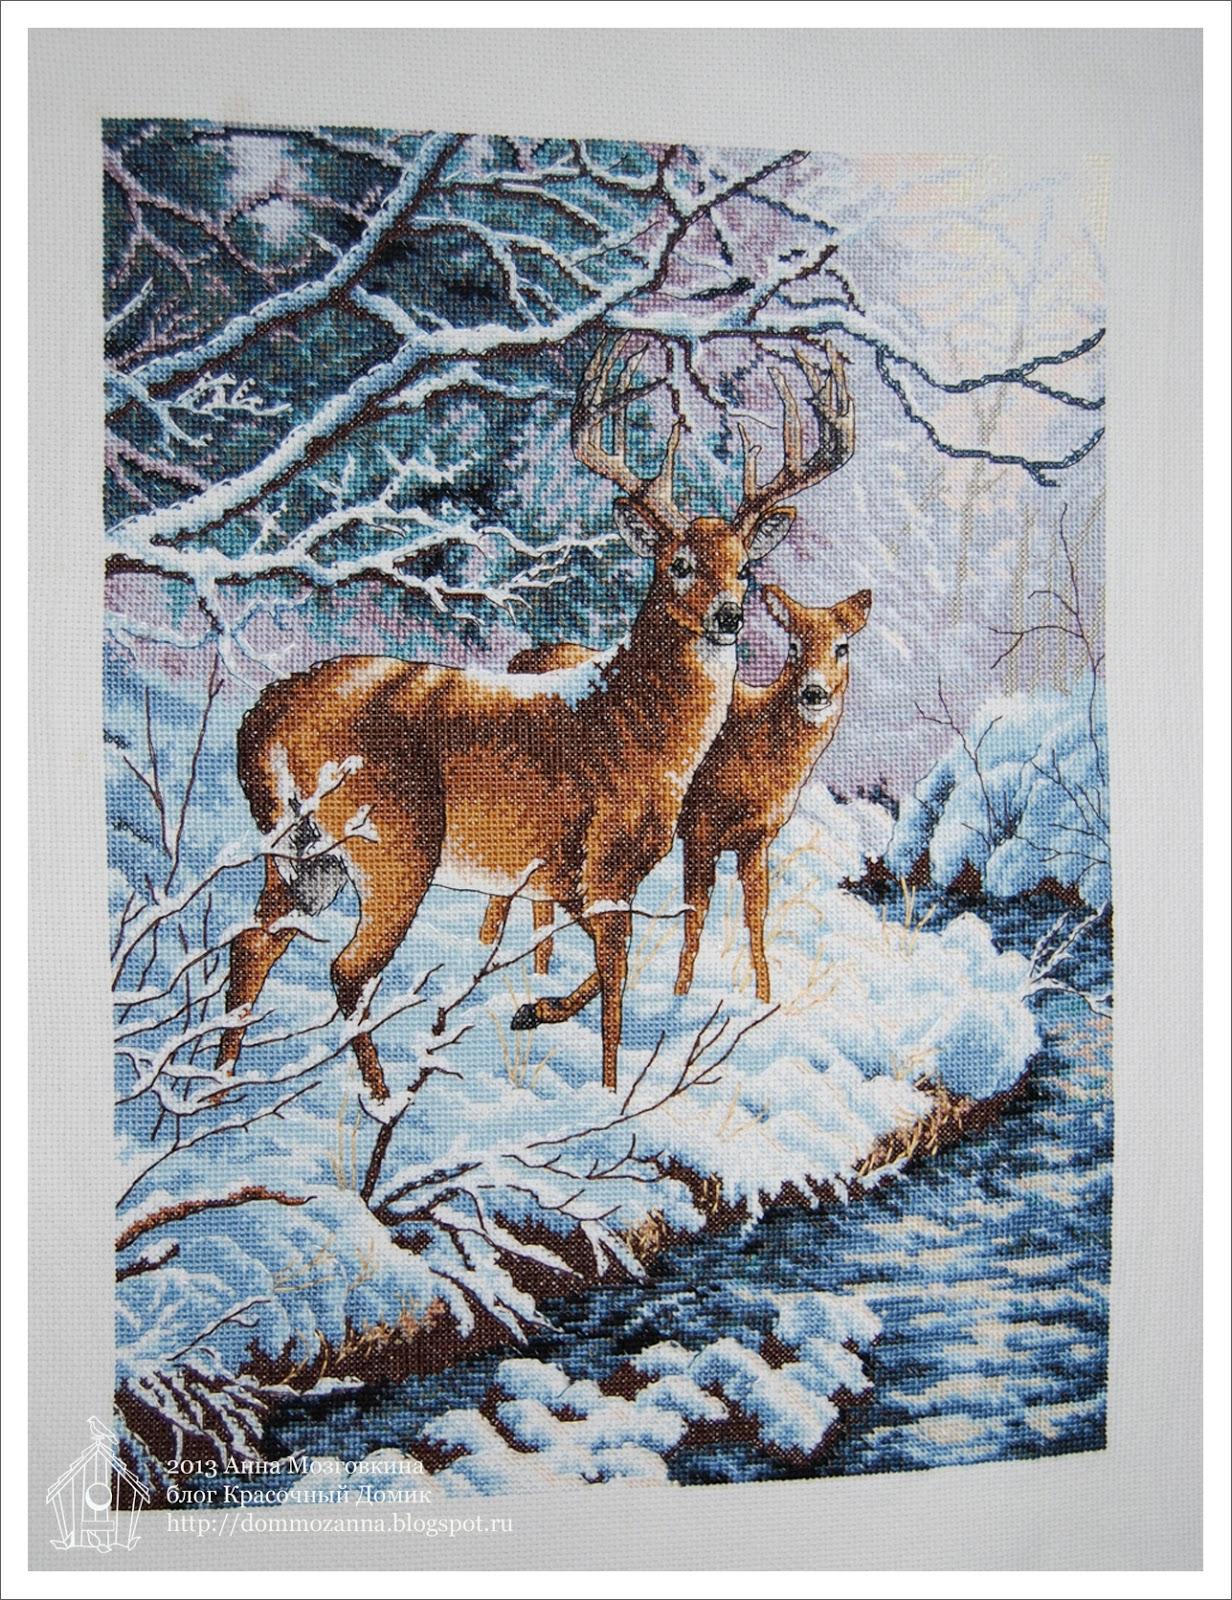 Creekside Deer Dimensions